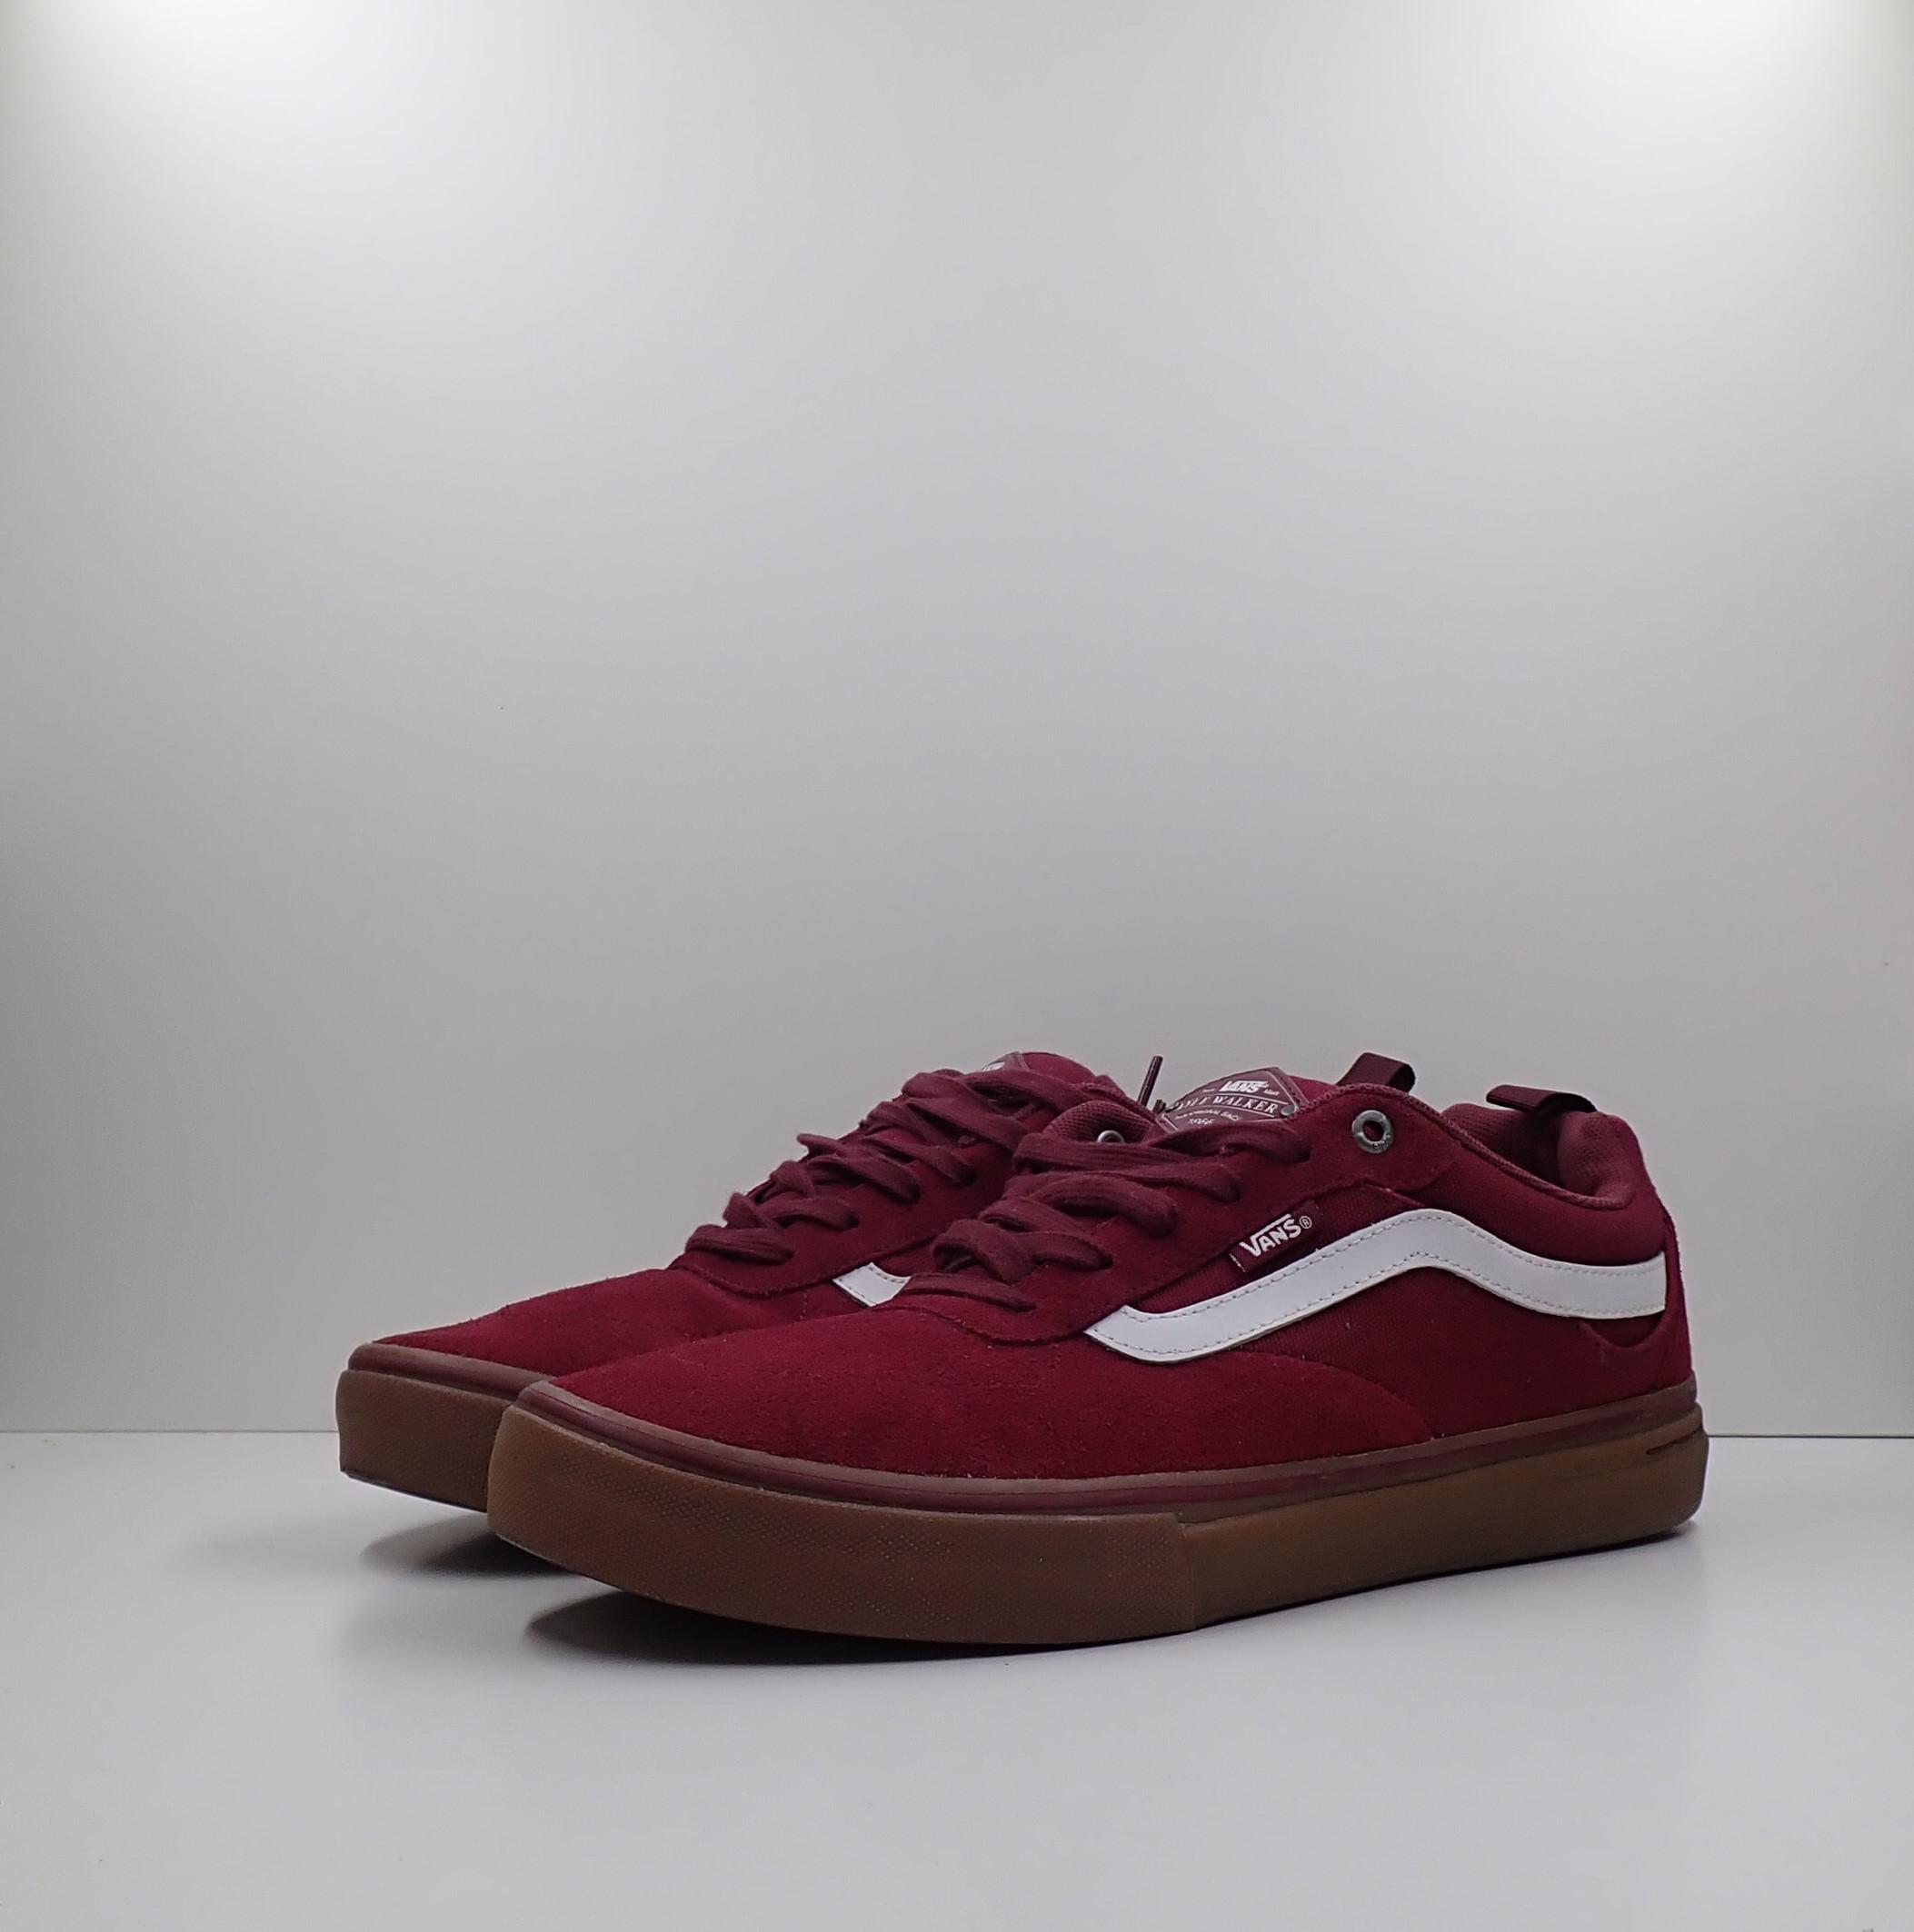 Vans Pro Canvas Kyle Walker Pro Shoes